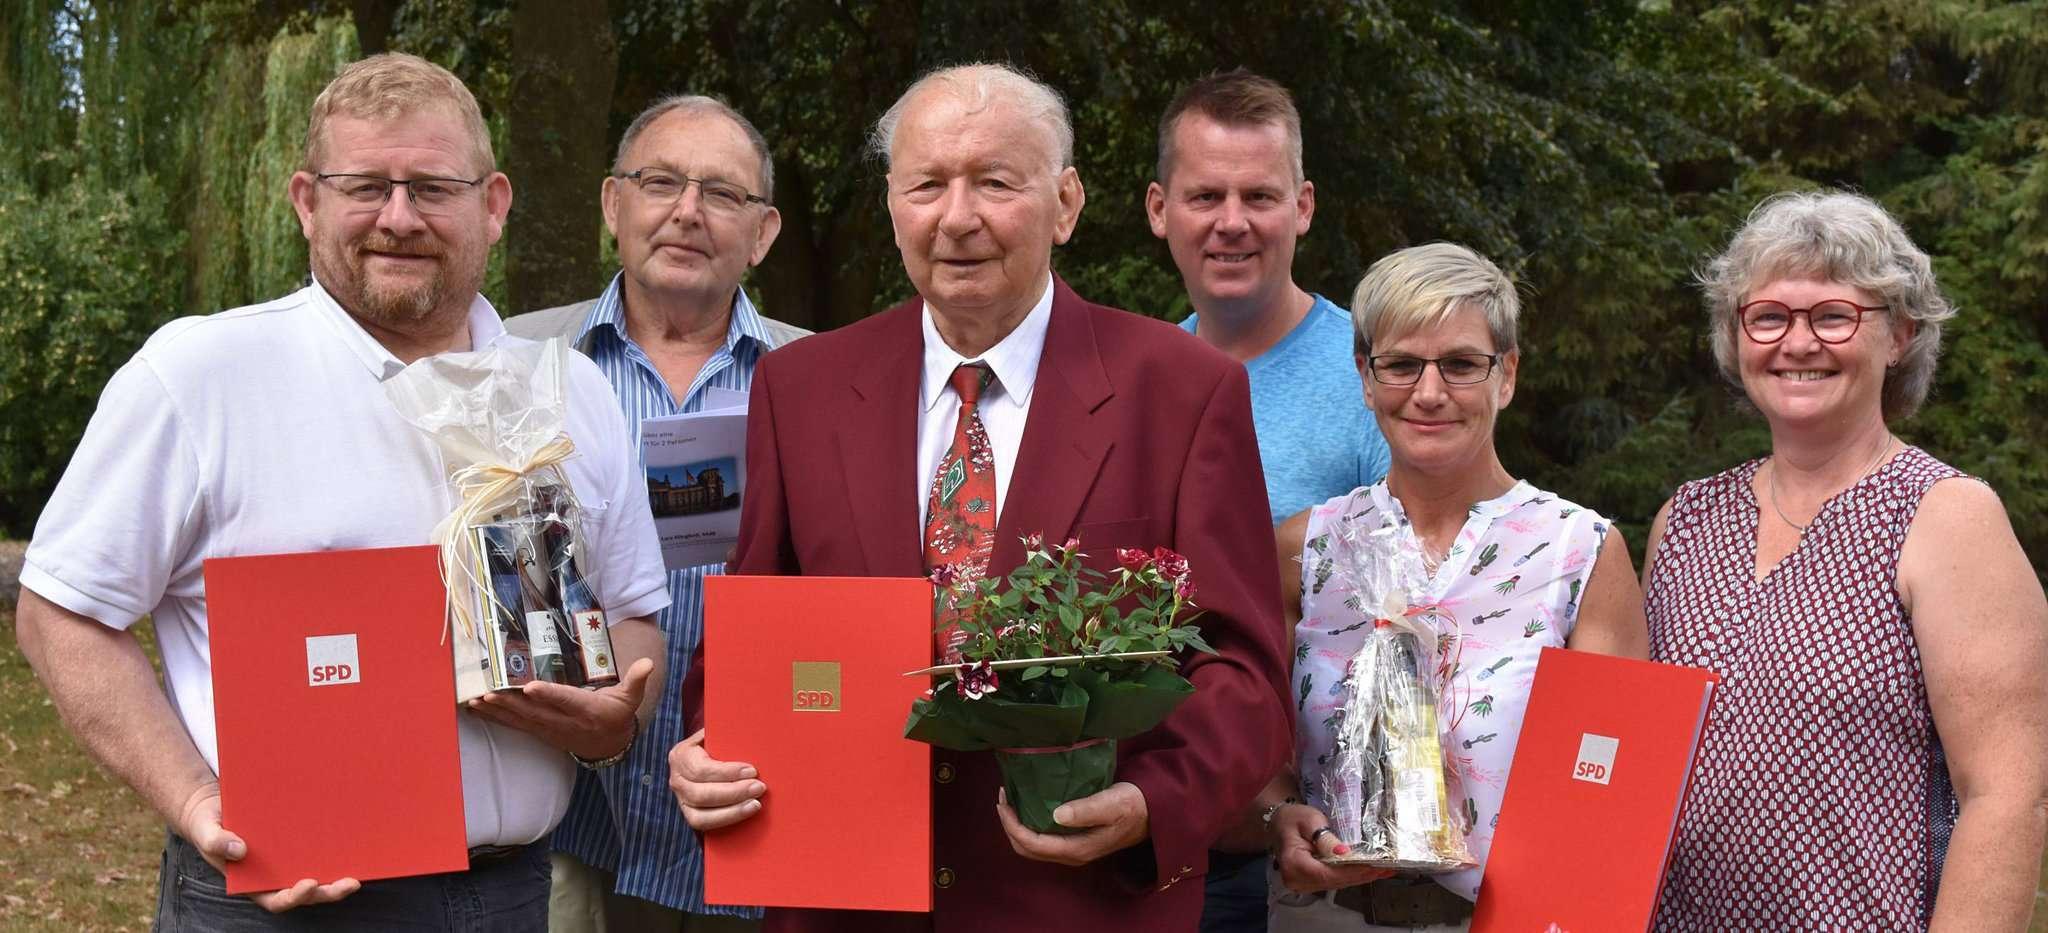 Traute Flacke (rechts) freut sich mit den geehrten Mitgliedern, allen voran Eugen Schmeichel (Mitte), der auf 70-jährige Mitgliedschaft zurückblickt. Foto: Heidrun Meyer